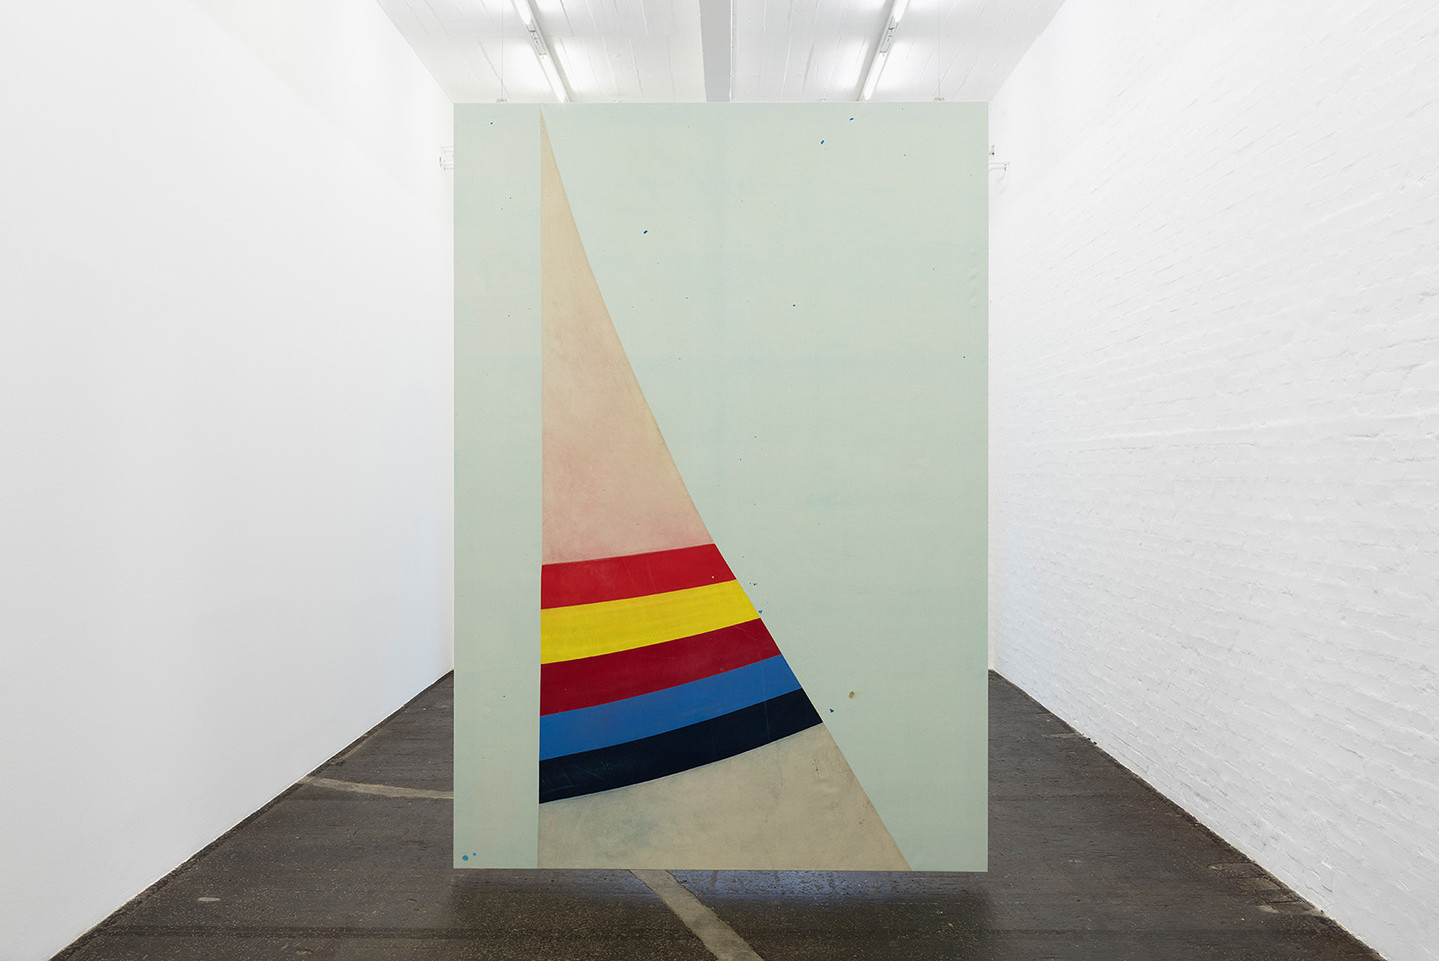 Fredrik V Rslev Tan Lines At Kunst Halle Sankt Gallen Mousse  # Muebles Giulani